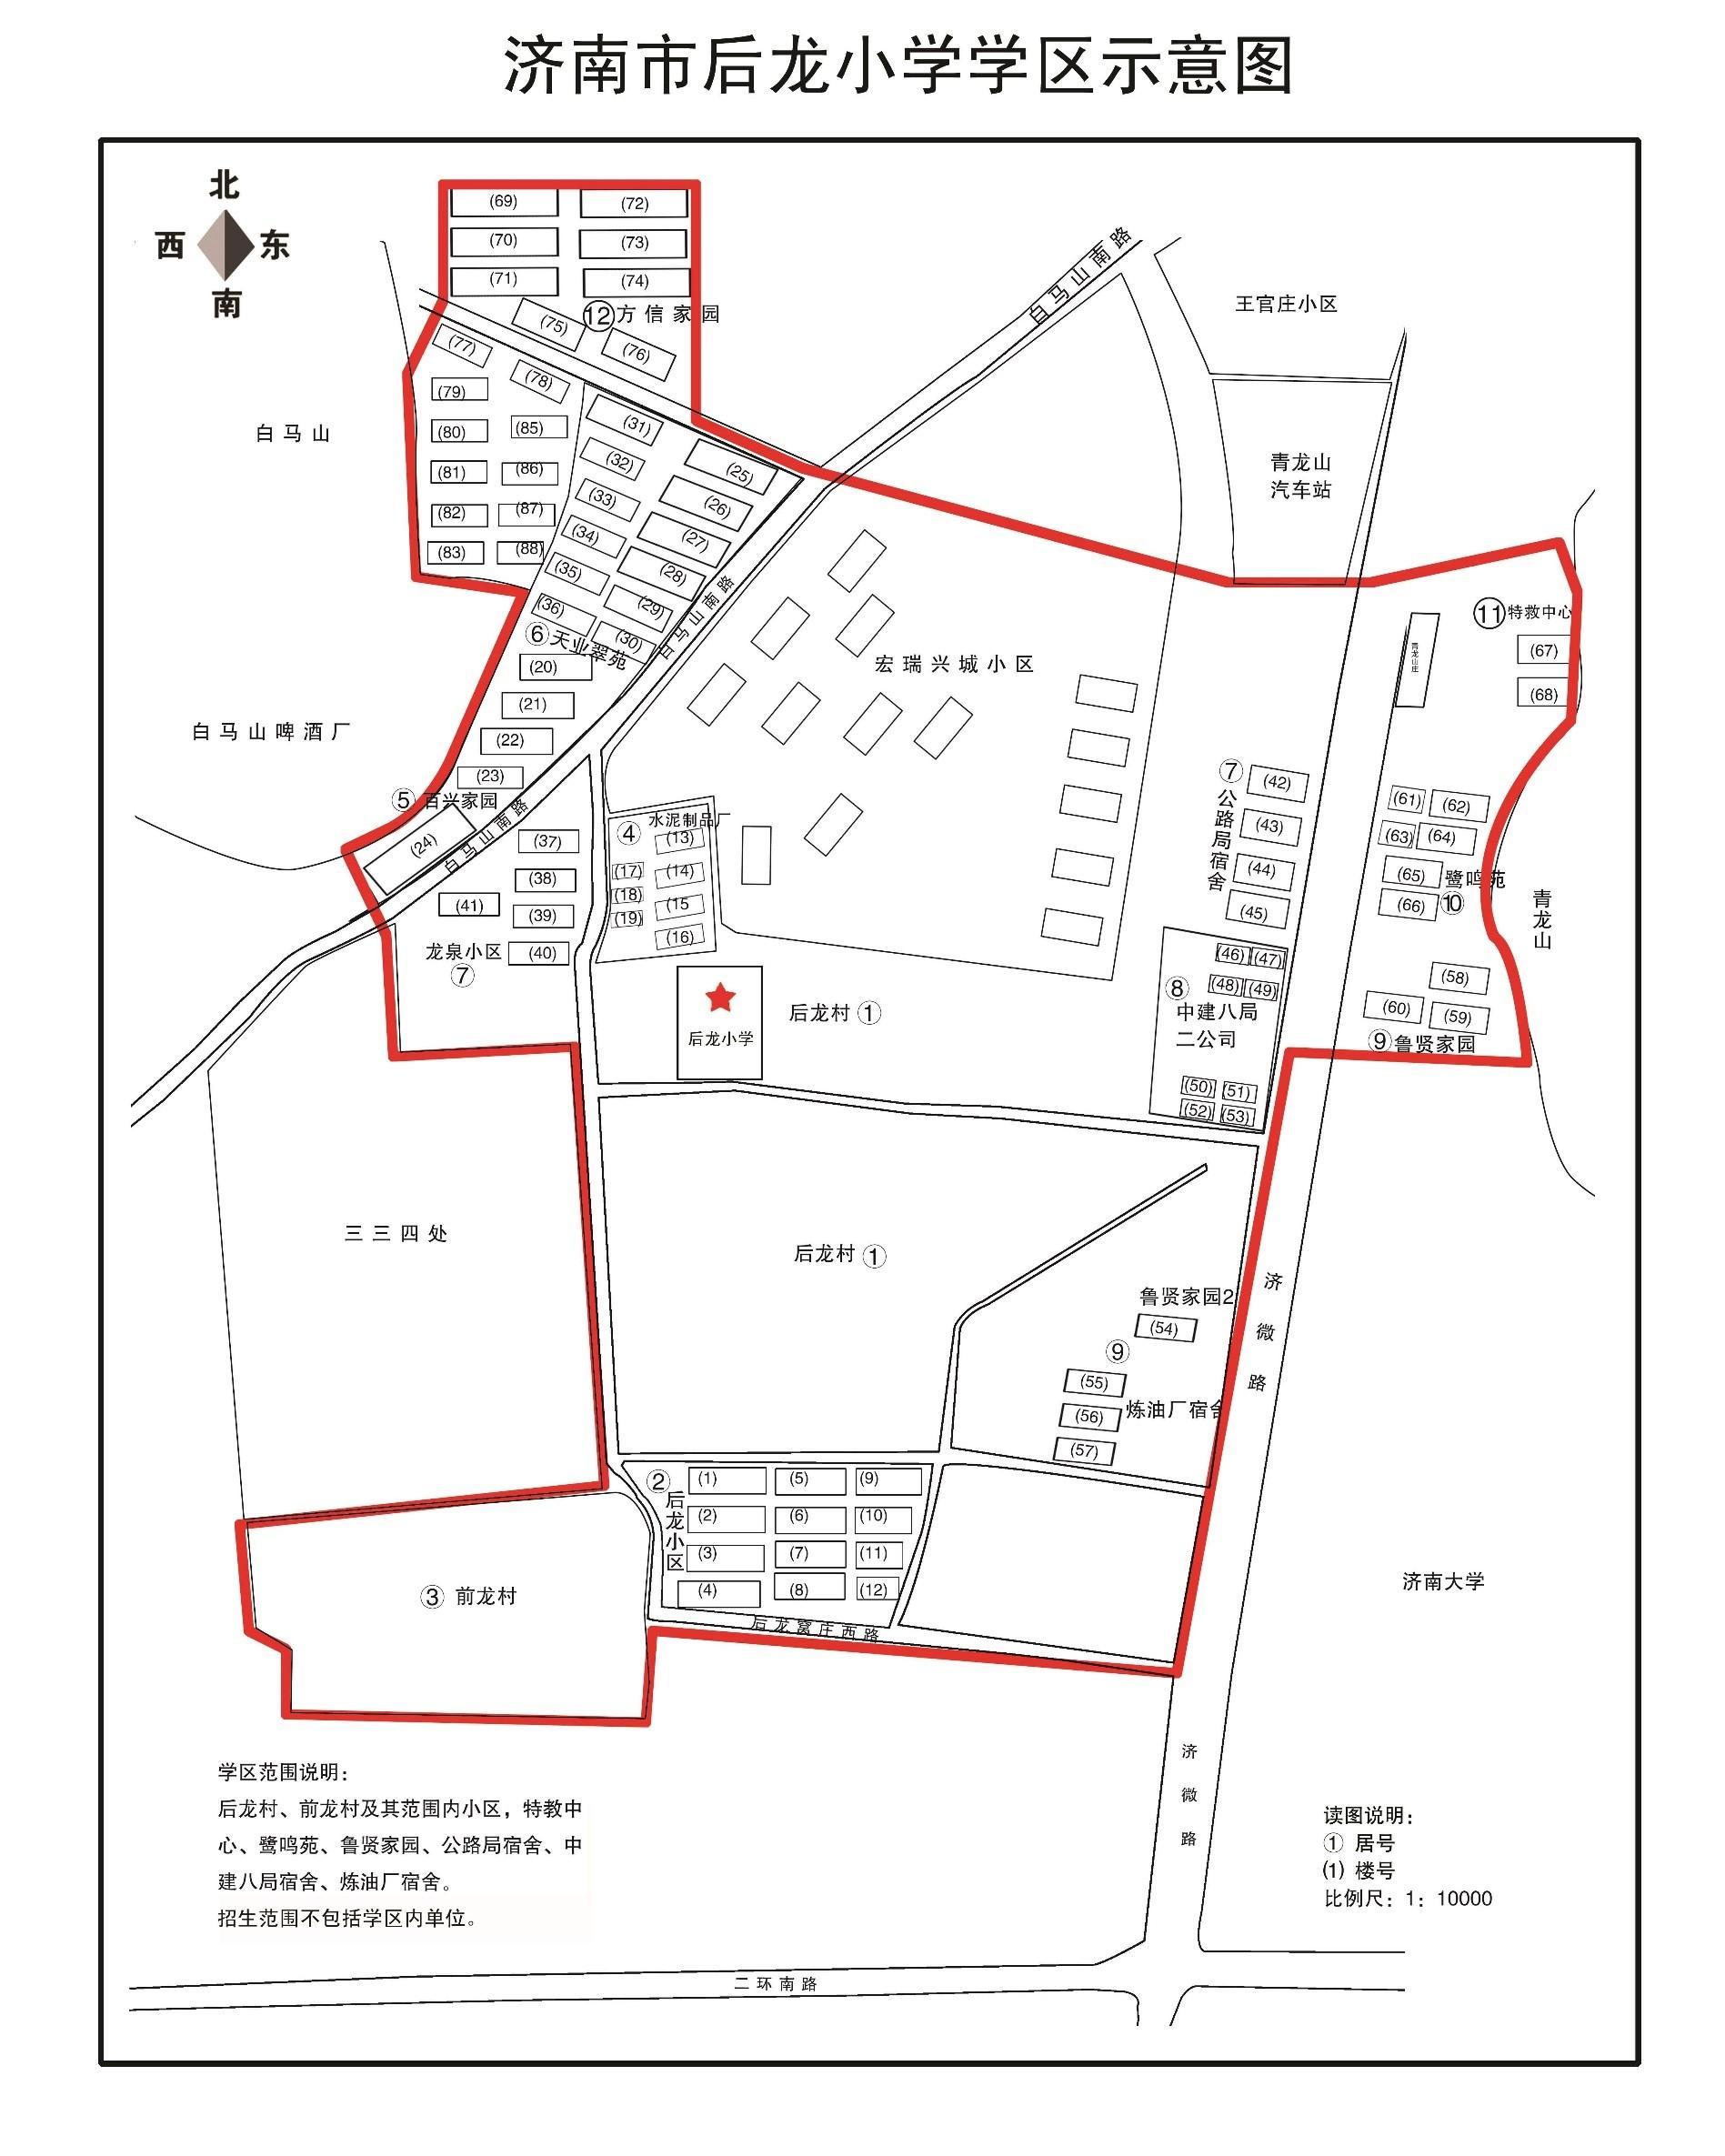 济南市后龙小学2018年招生公告 附学区划分图